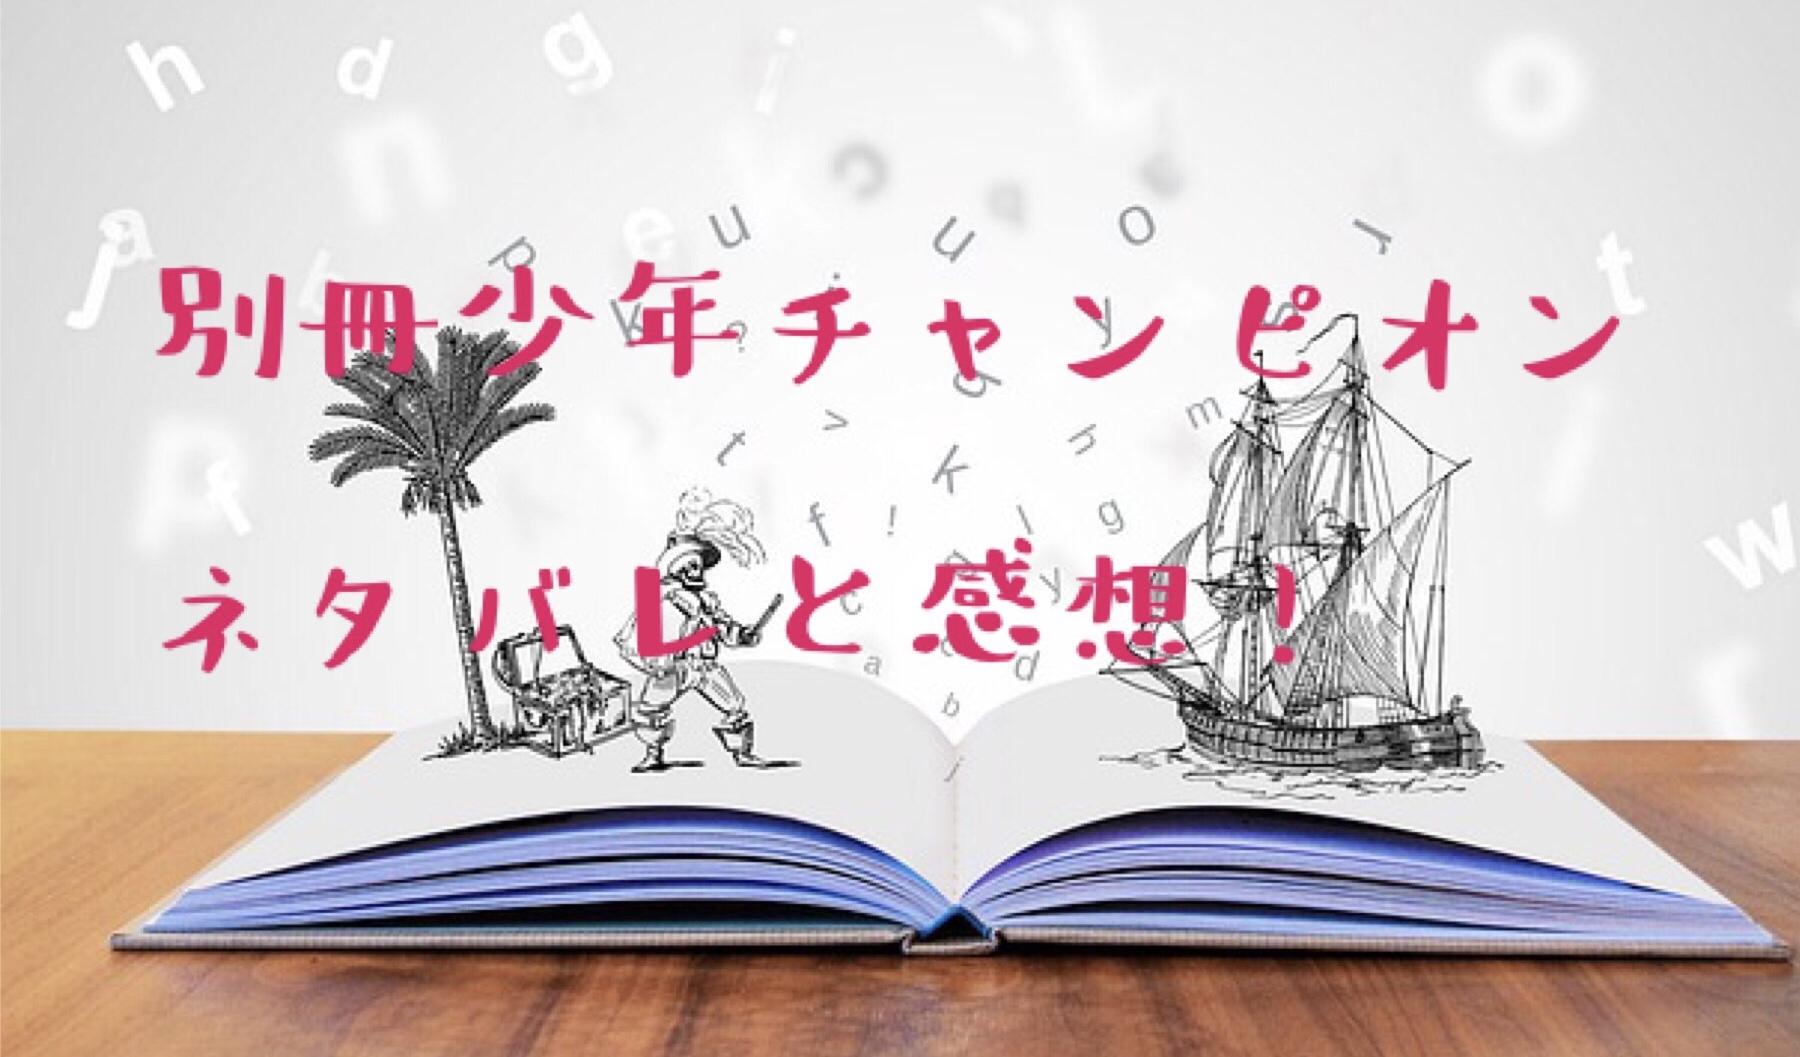 レッドデータプラネット【最新第7話】嫉妬 ネタバレと感想!